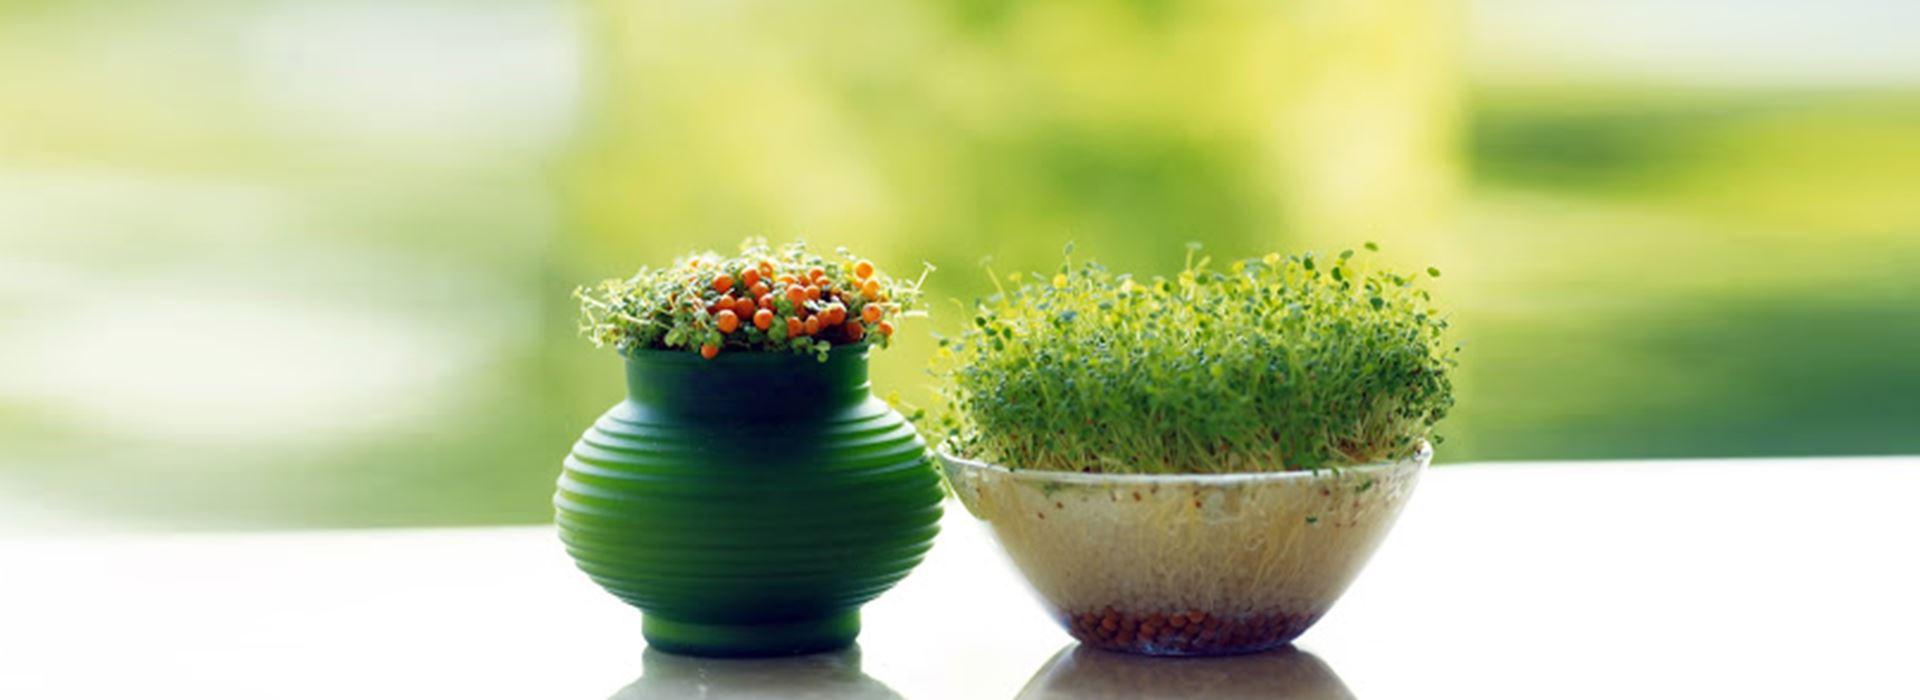 کاشت سبزه عید: انواع بذر سبزه عید، روش و زمان کاشت + نکات مهم